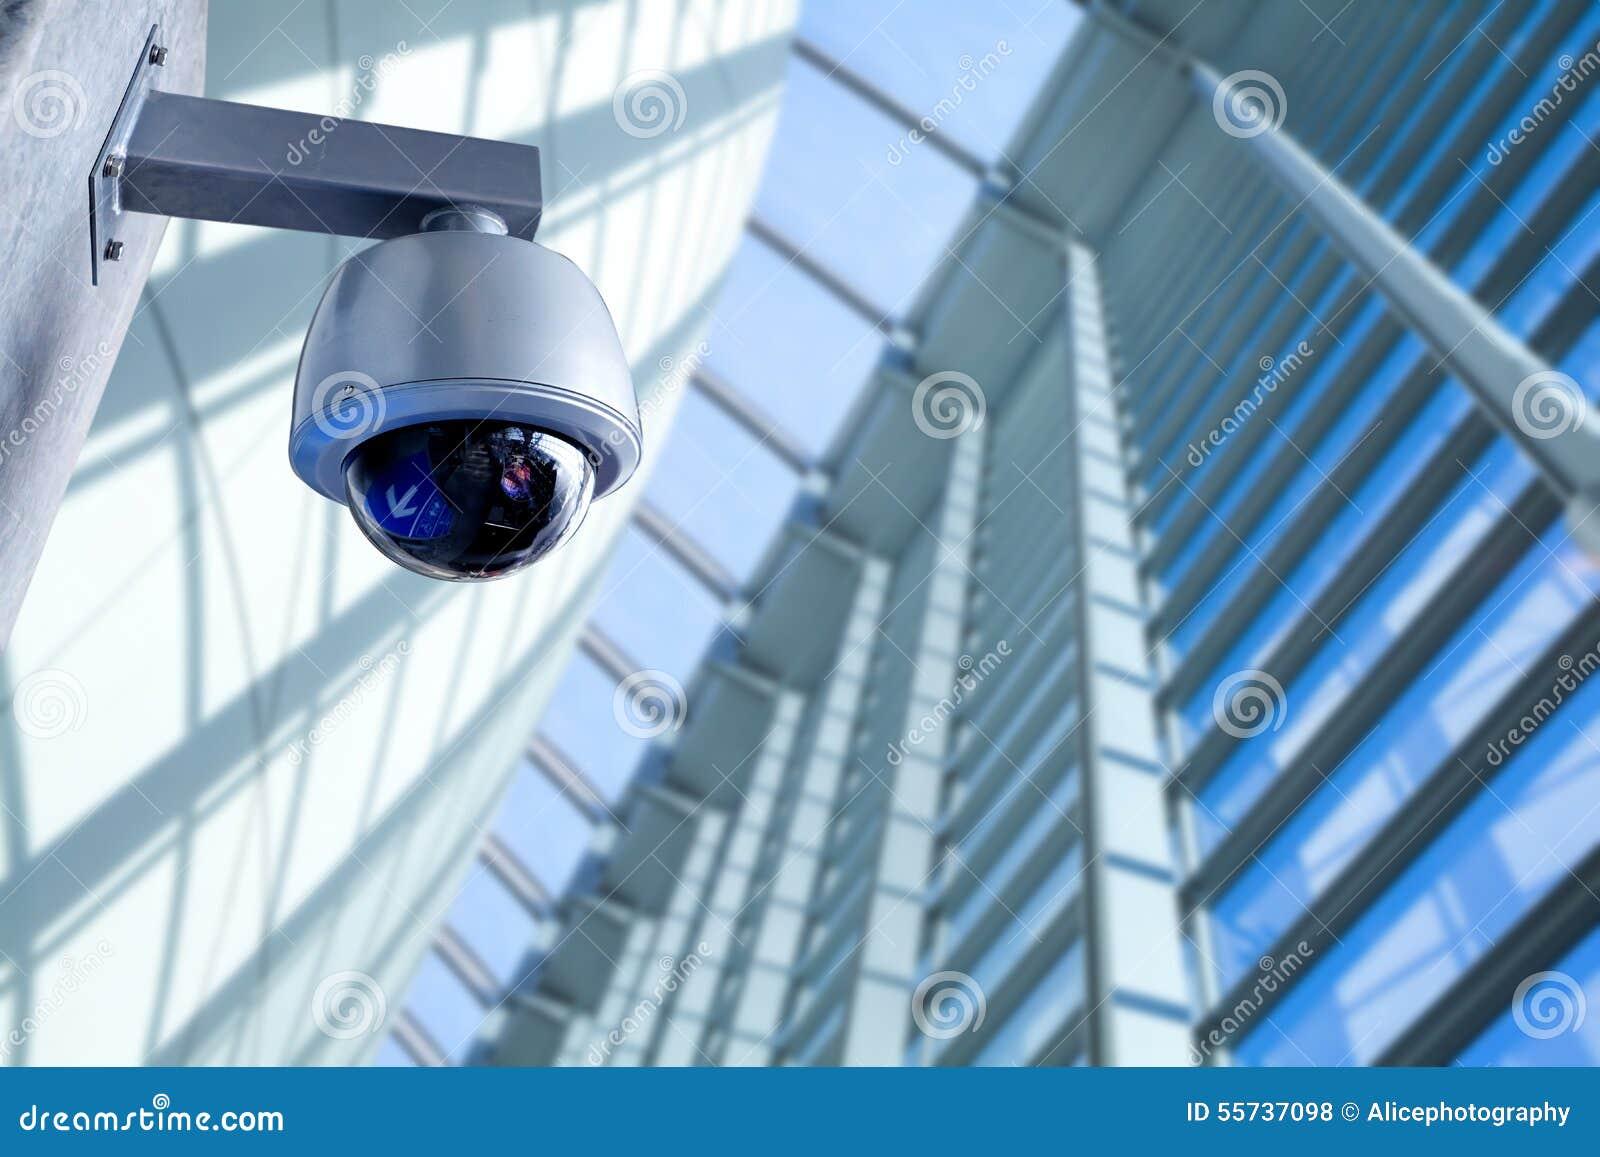 Appareil photo de télévision en circuit fermé de sécurité dans l